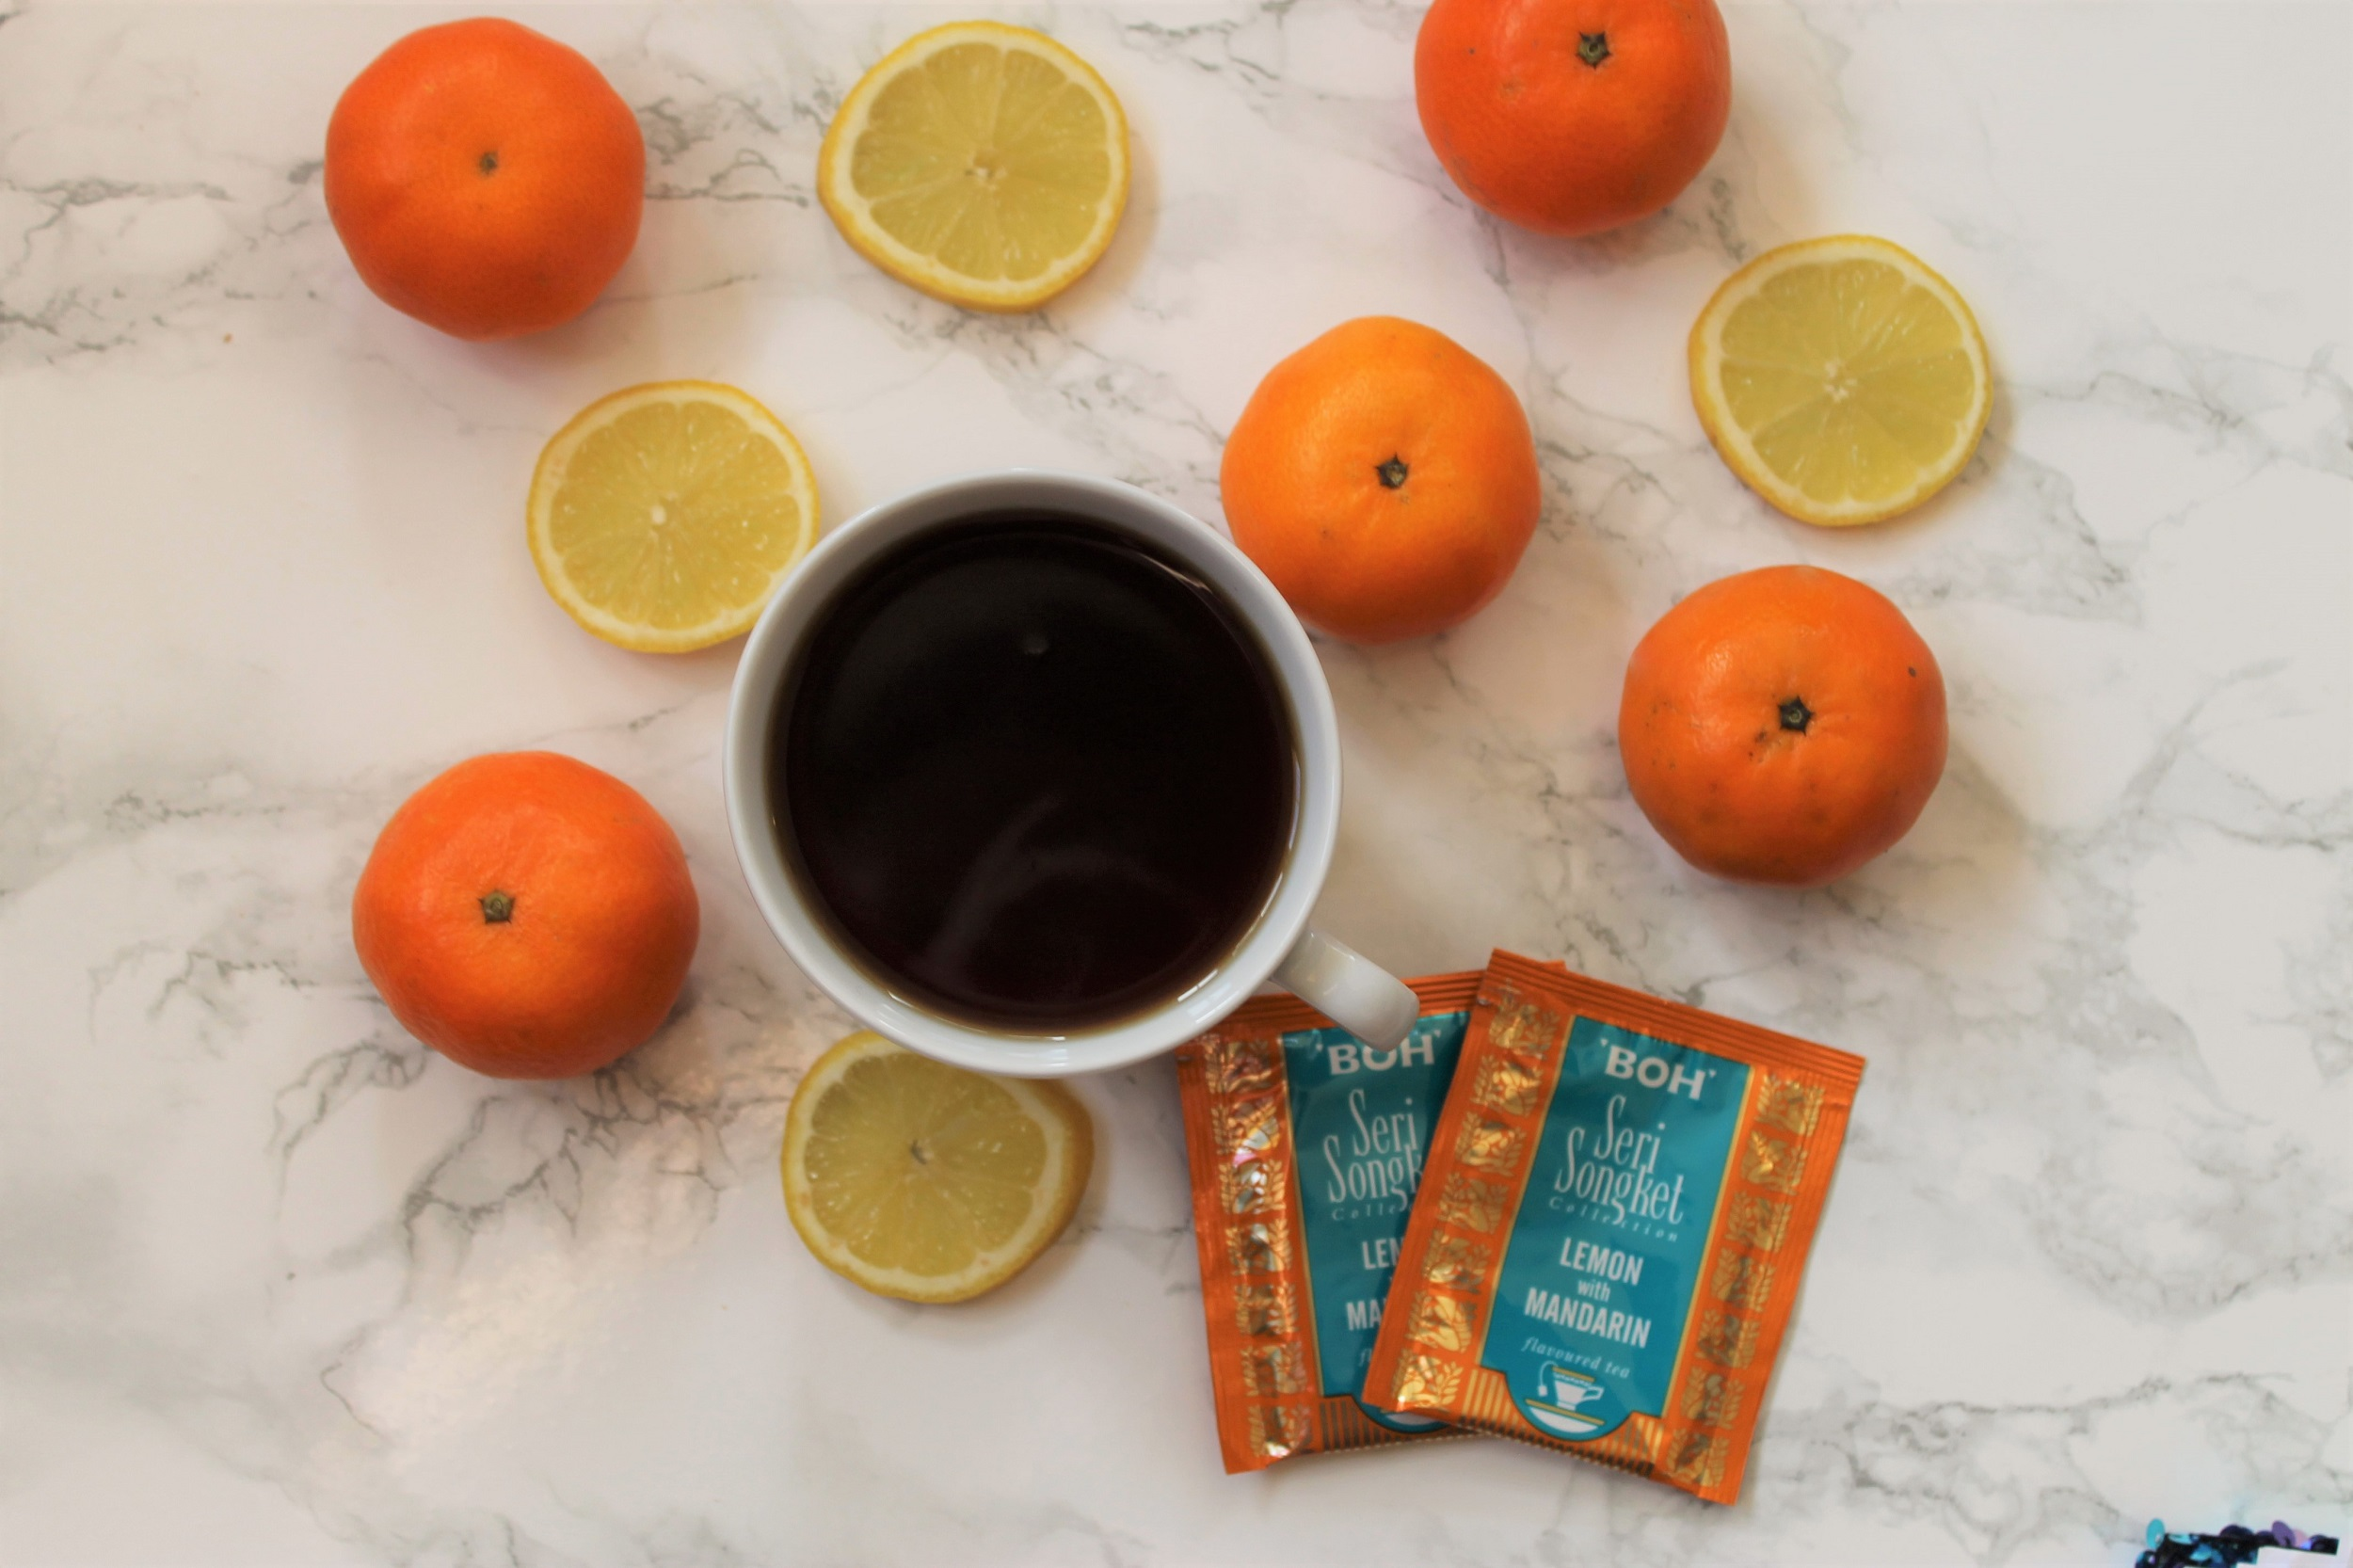 BOH Lemon with Mandarin Tea Review